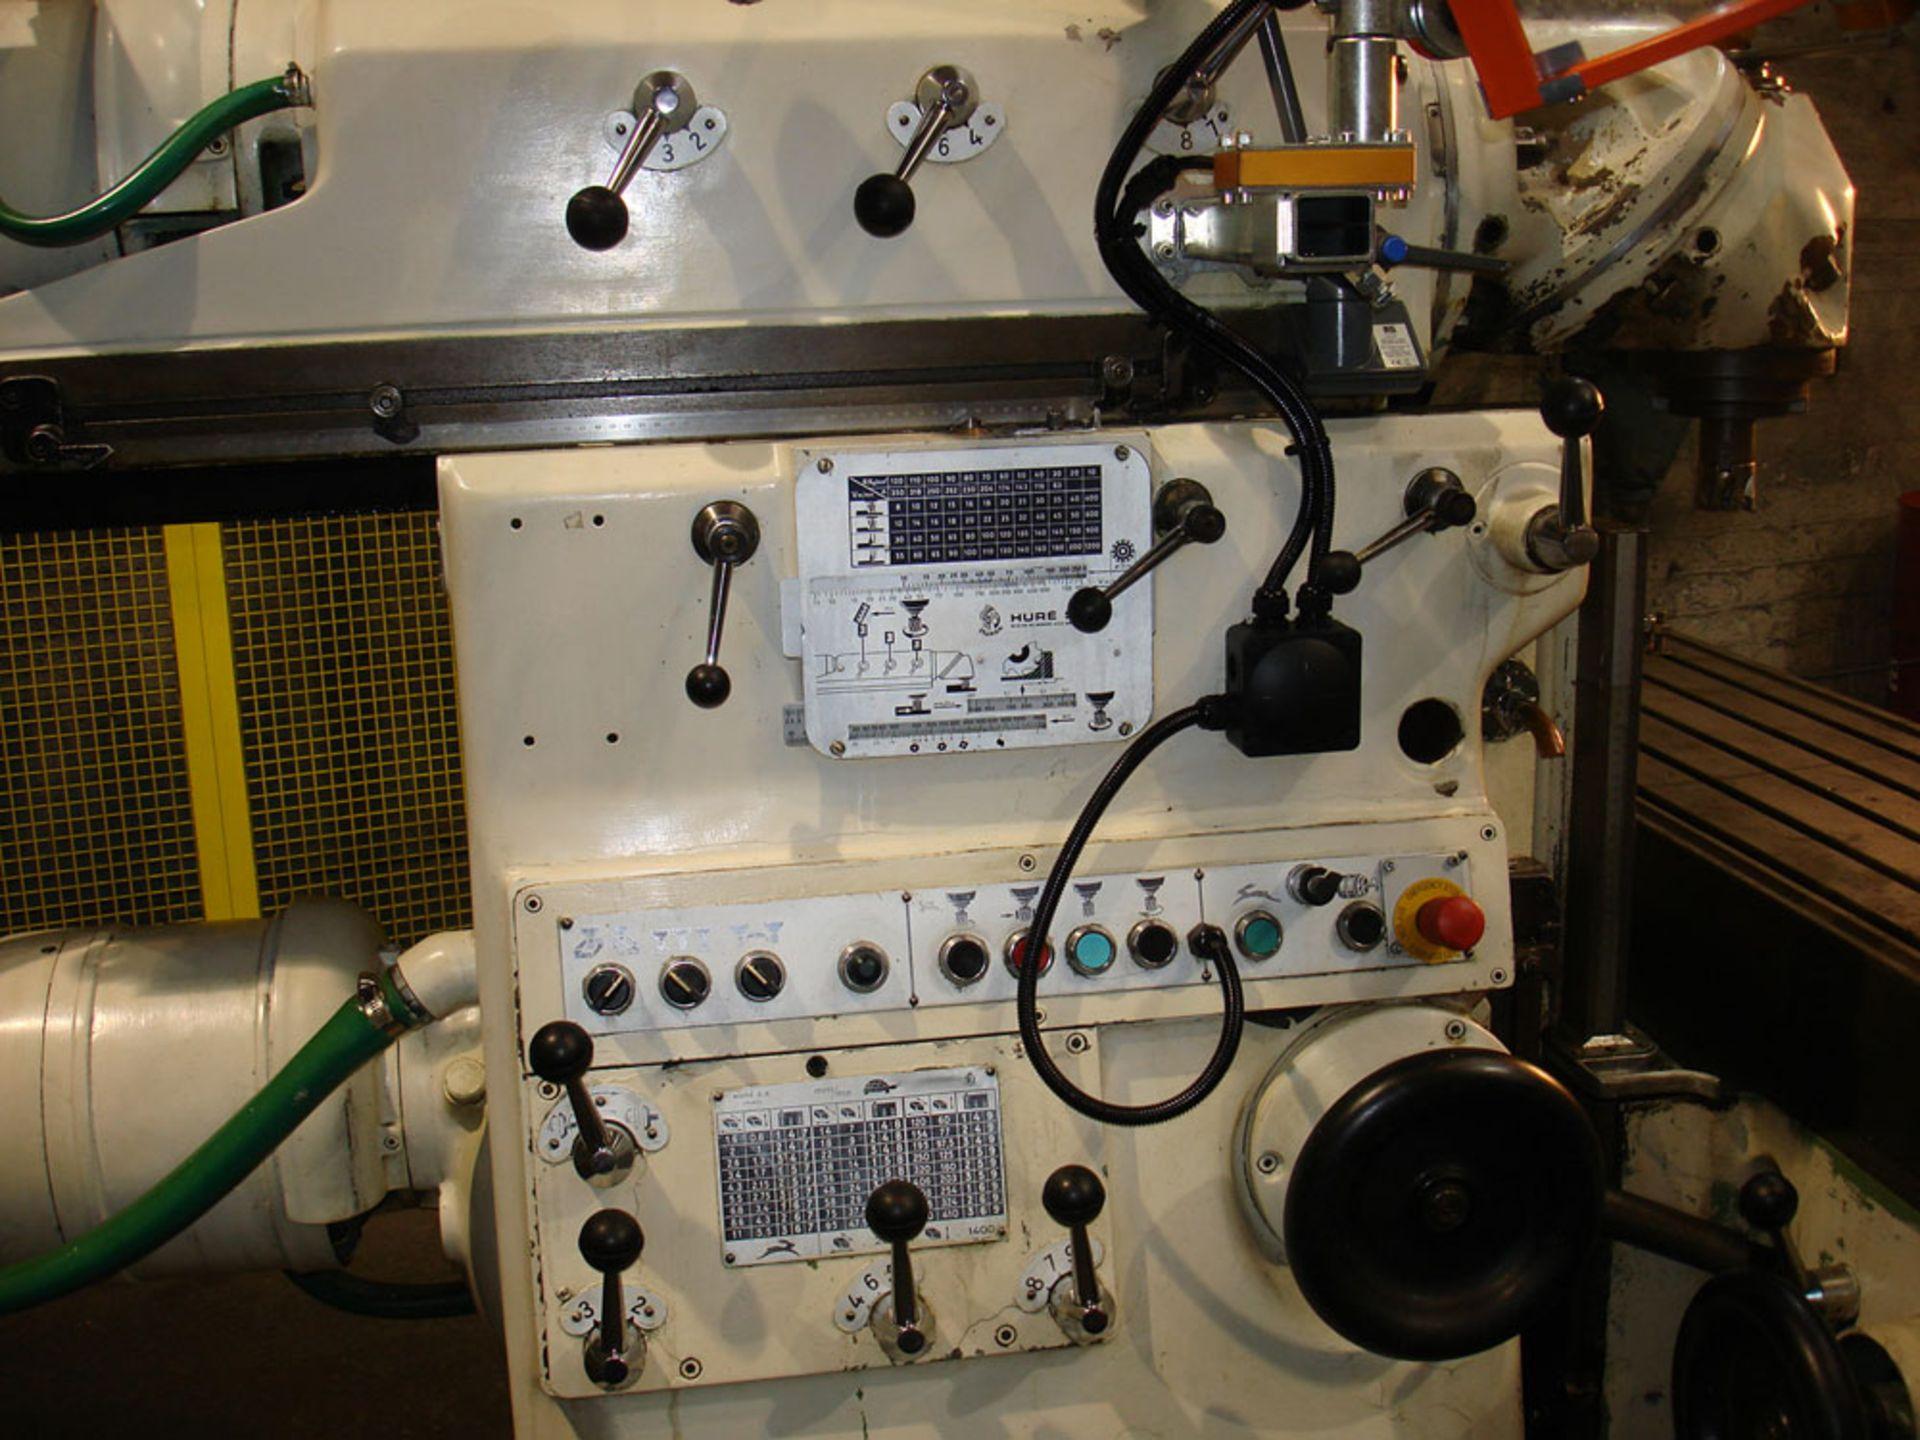 Huron MU6 Universal Milling Machine. - Image 5 of 8